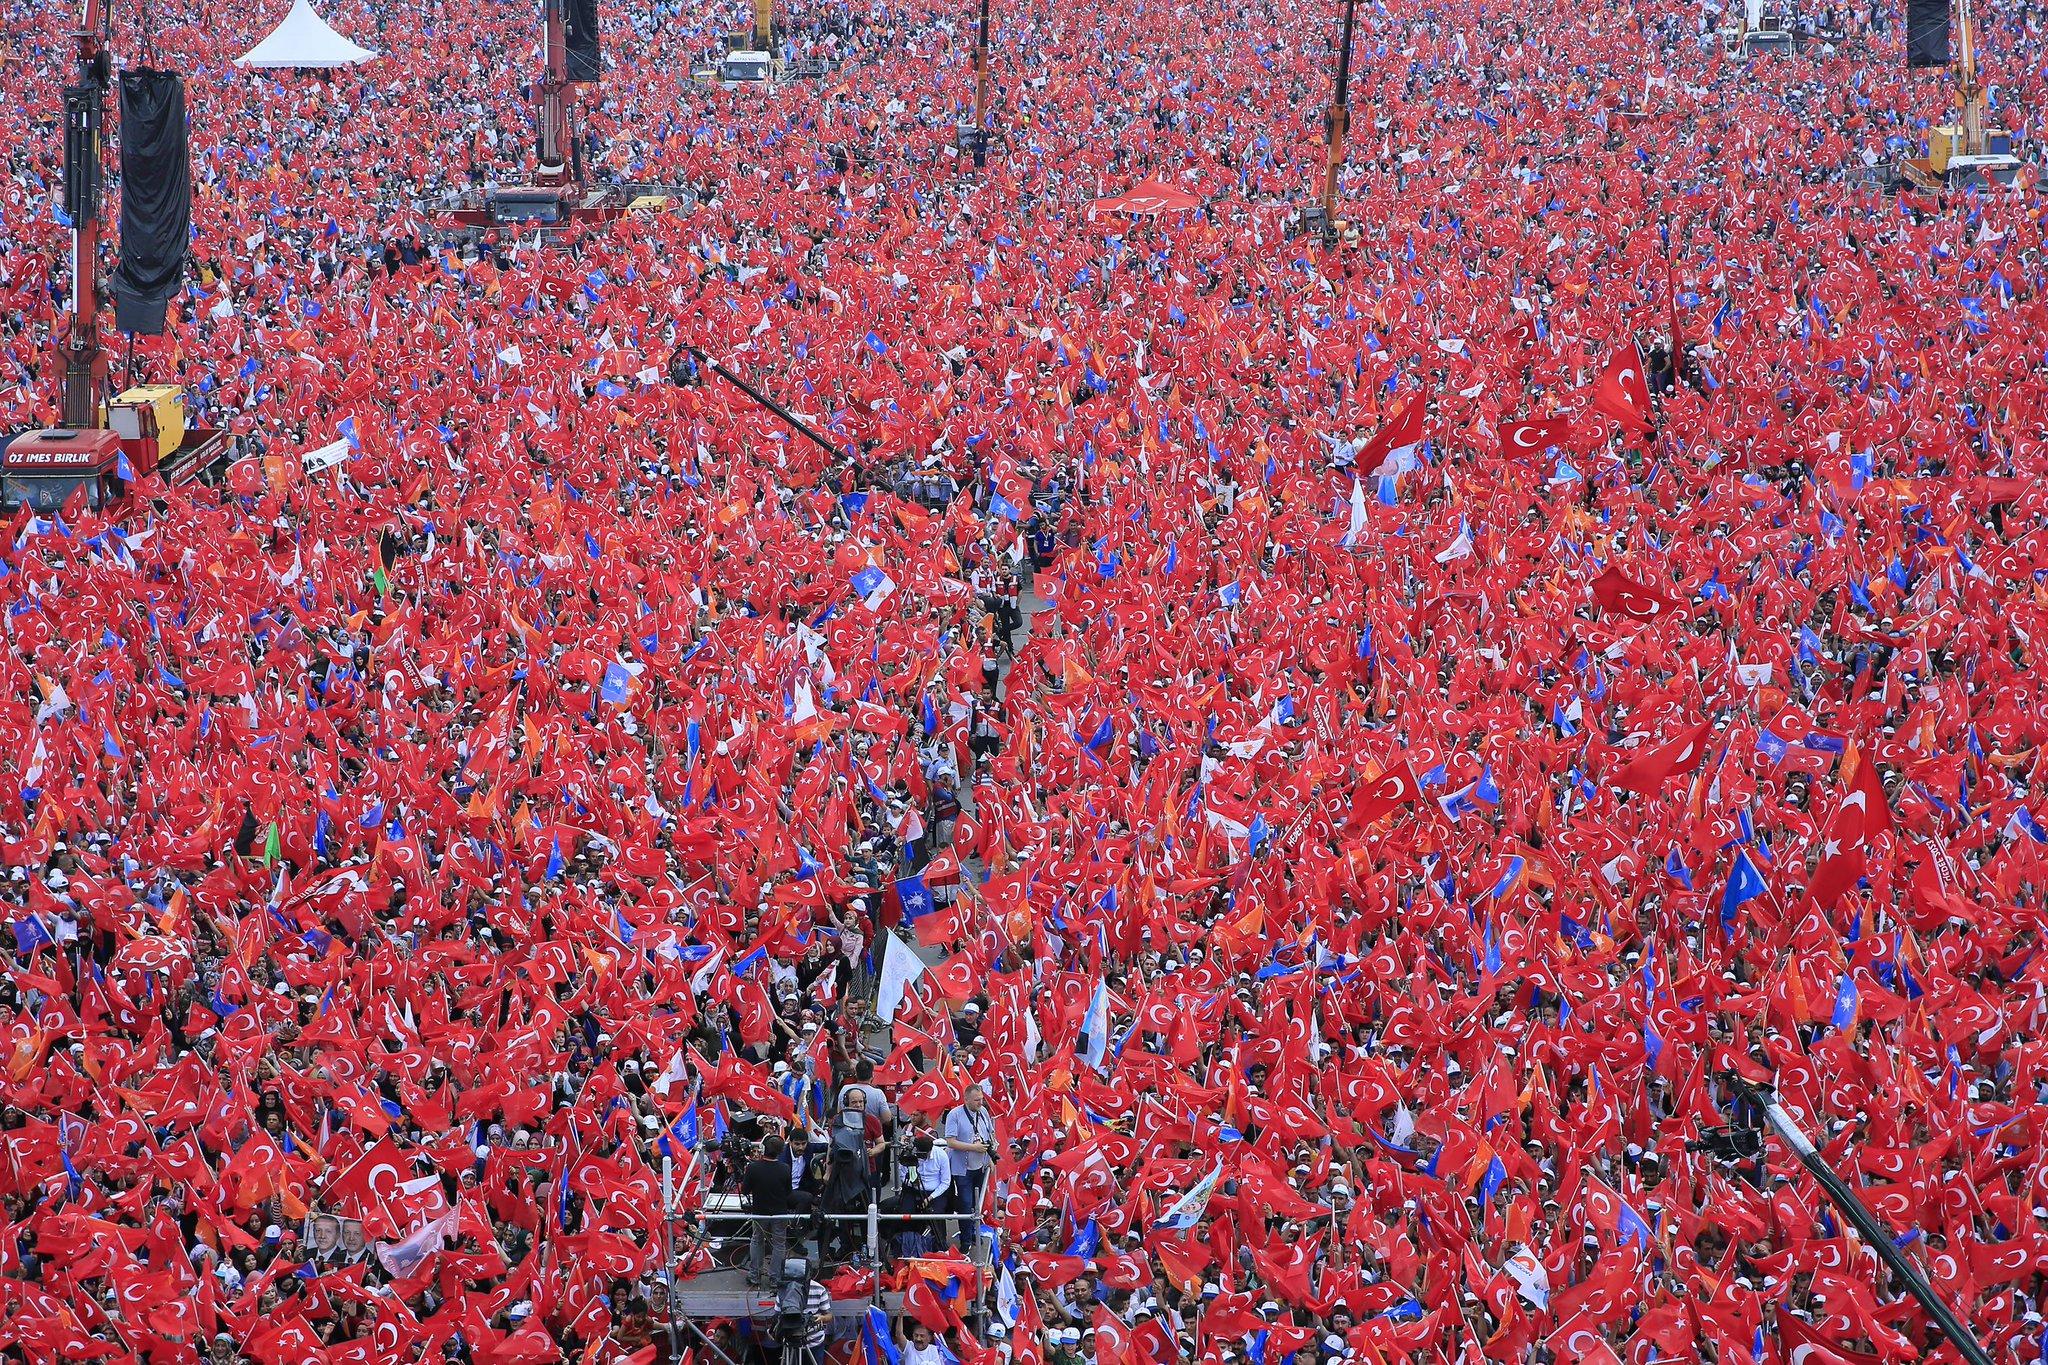 Aşkım, sevdam...  Teşekkürler İstanbul!  #VakitİstanbulVakti https://t.co/SZSQwSBtNN